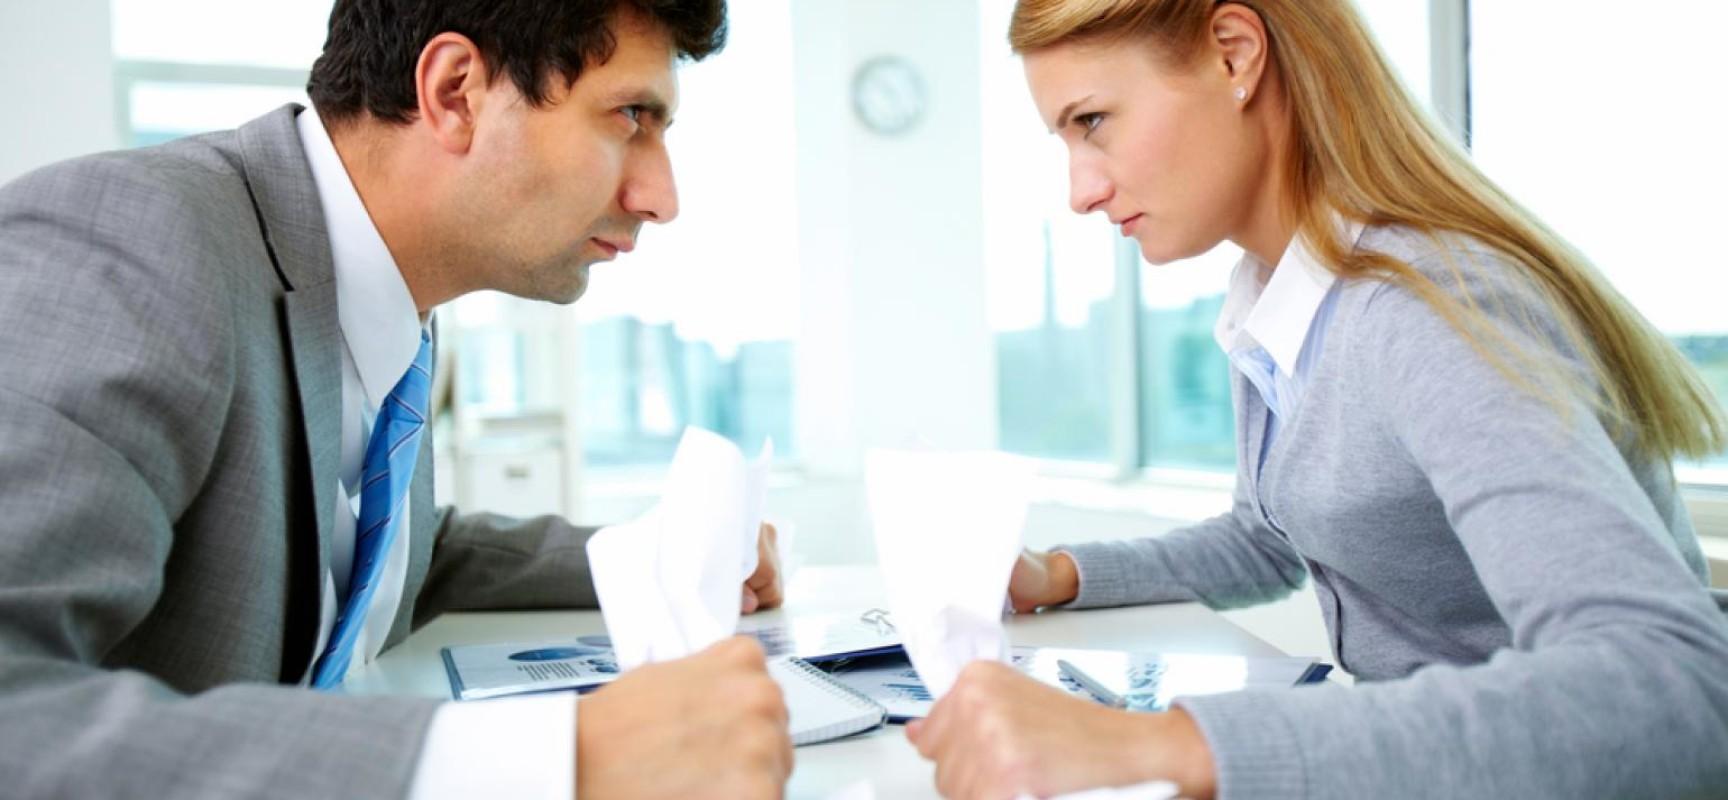 Пути решения конфликтных ситуаций, возникающих в процессе работы между членами трудового коллектива